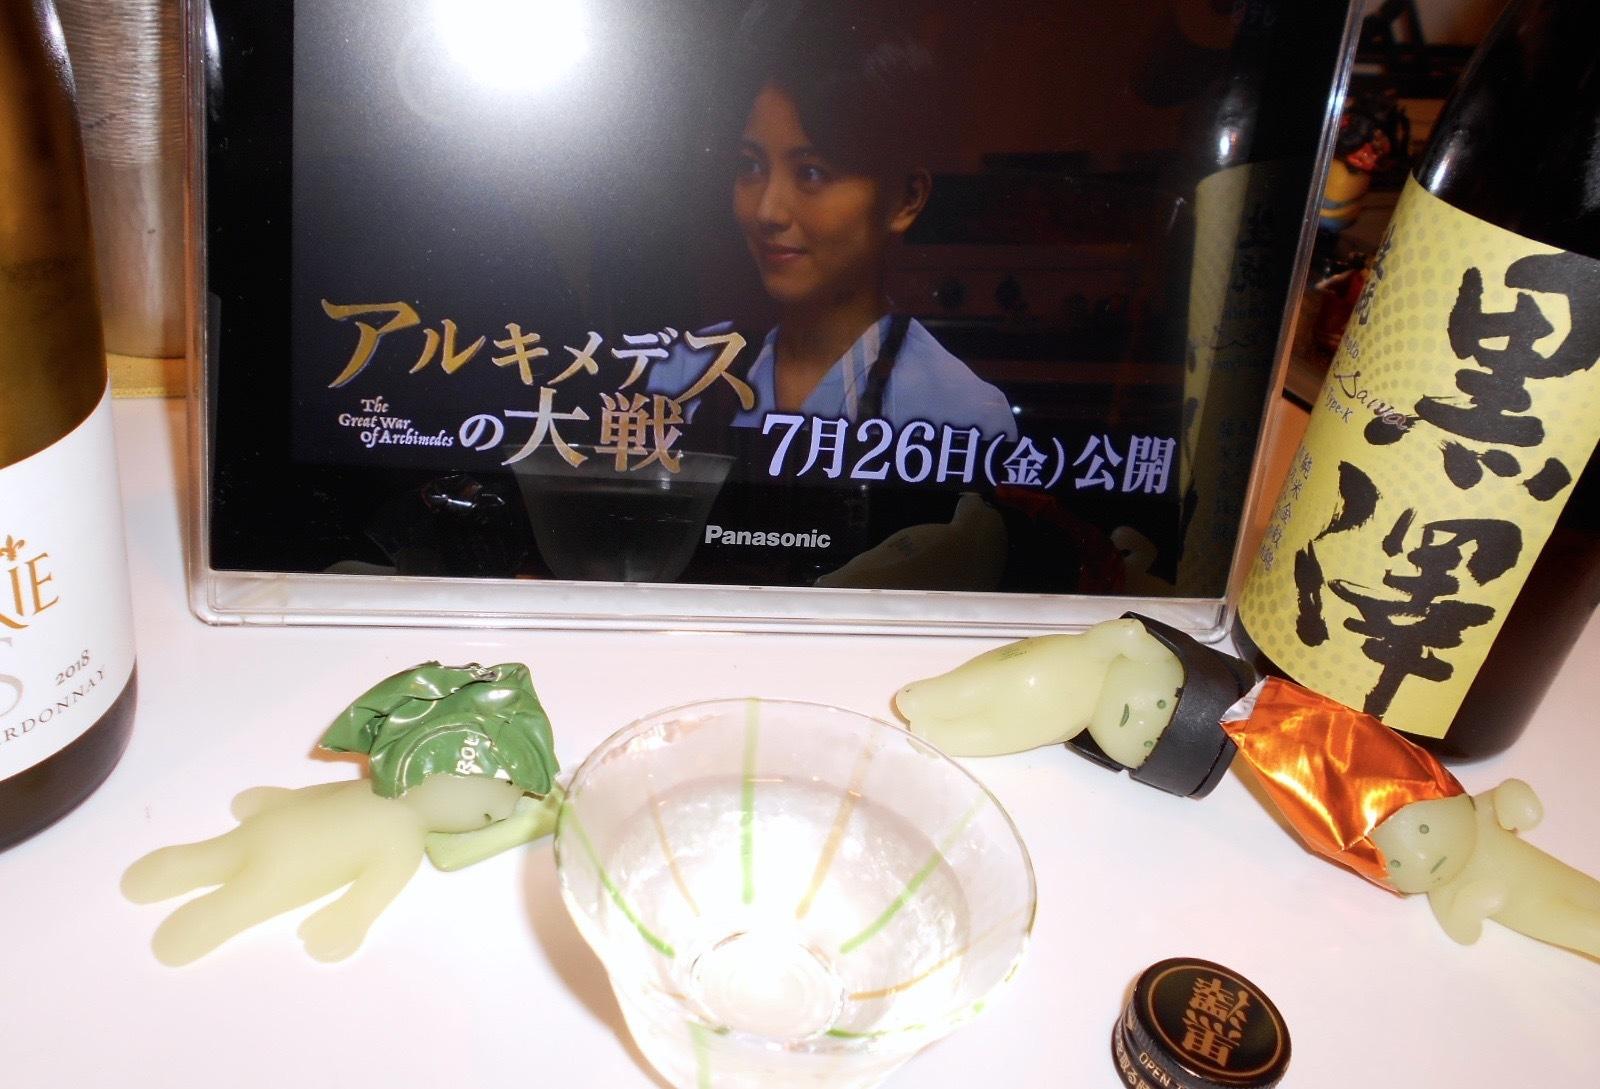 kurosawa_type-k30by3_5.jpg